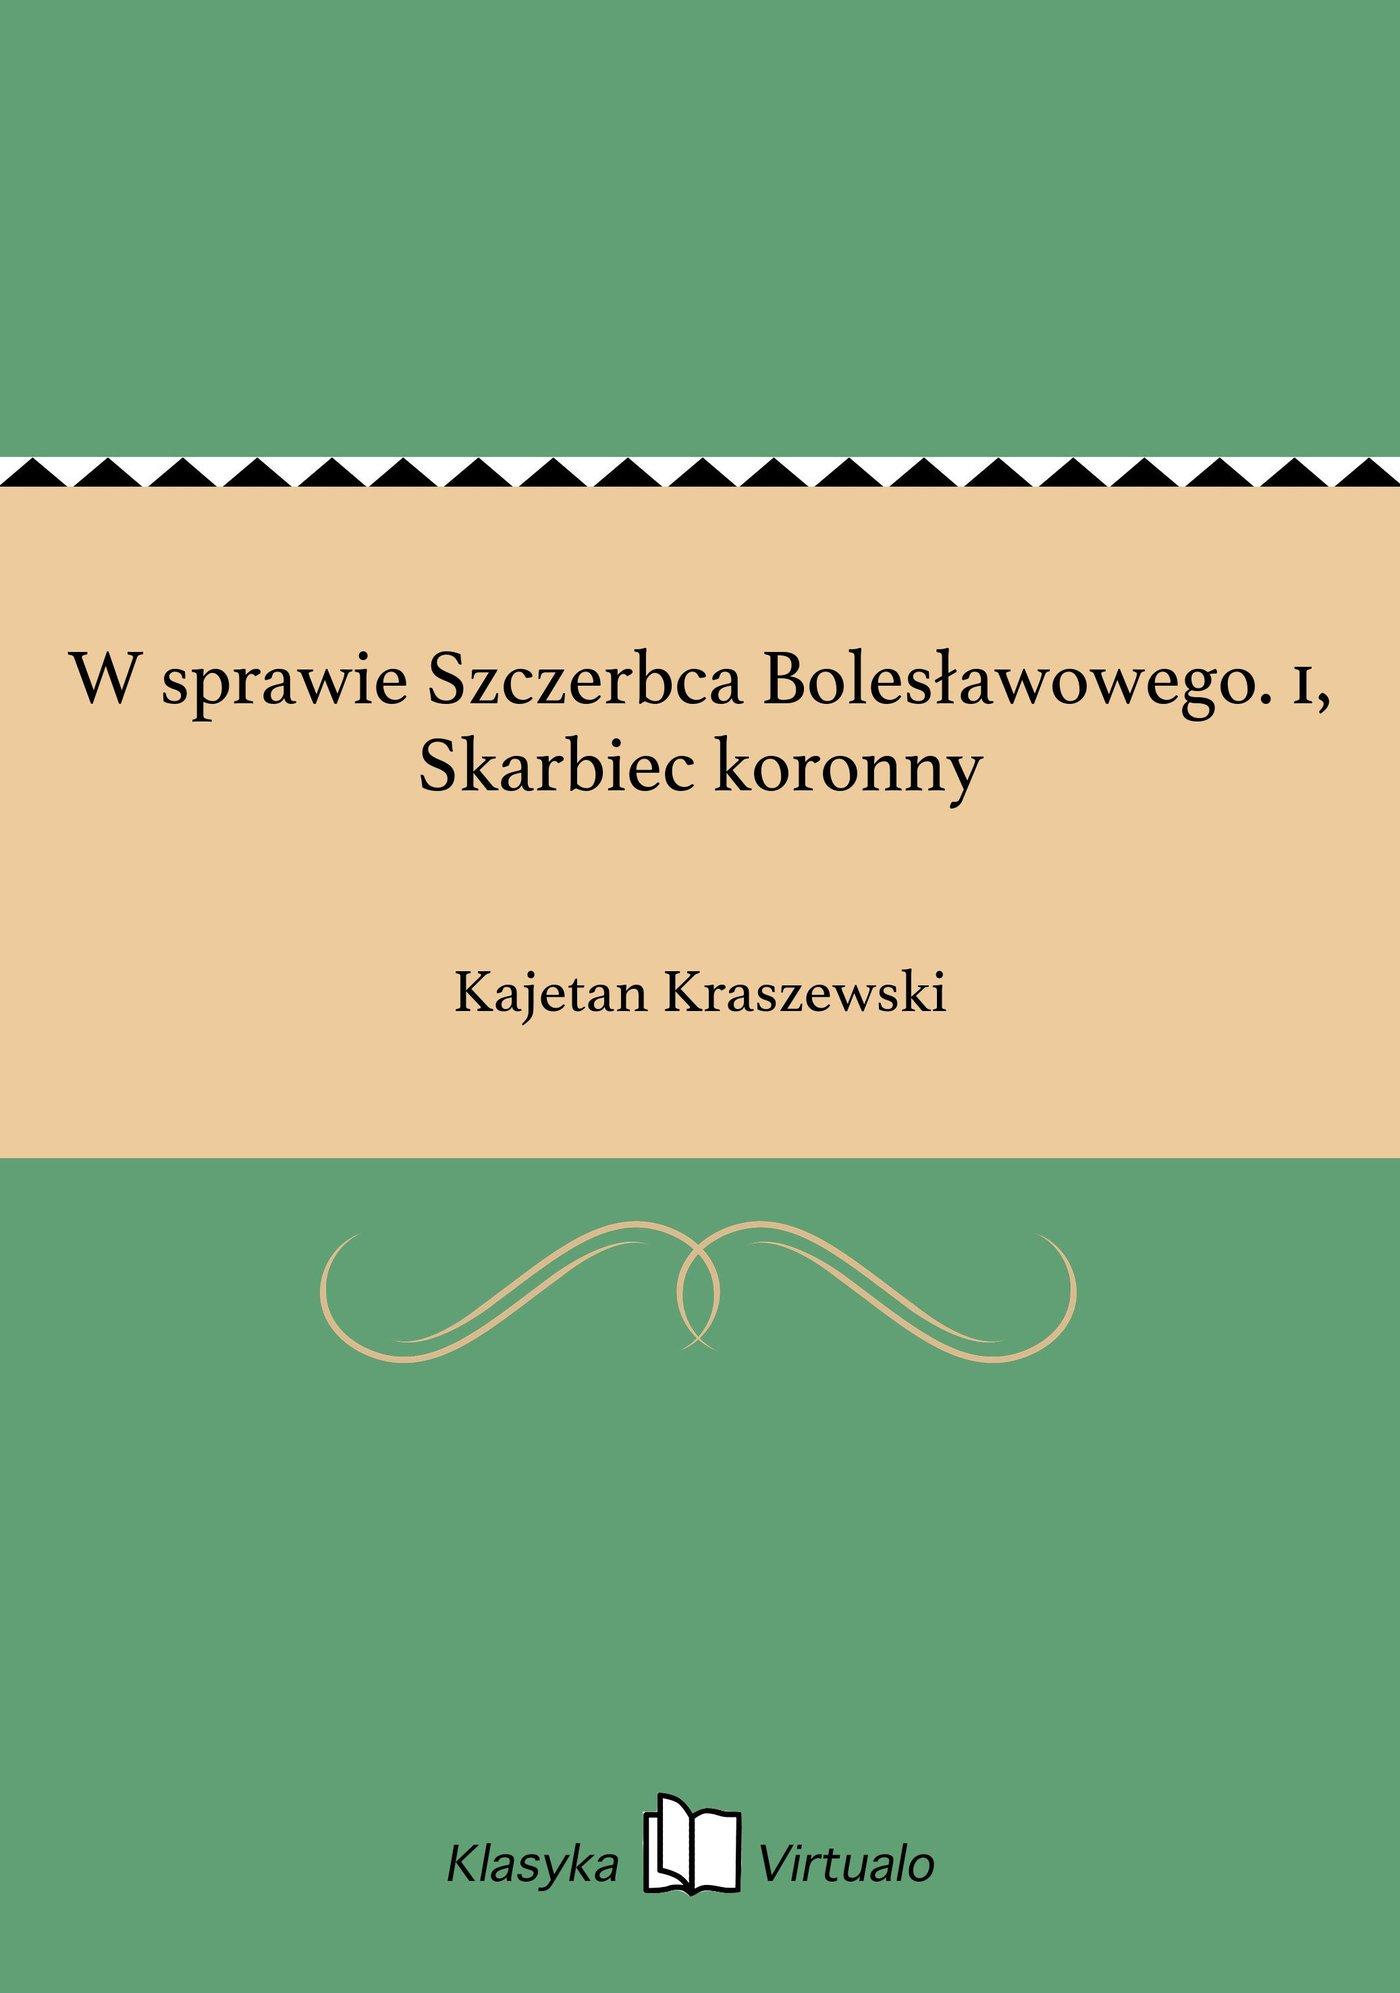 W sprawie Szczerbca Bolesławowego. 1, Skarbiec koronny - Ebook (Książka na Kindle) do pobrania w formacie MOBI